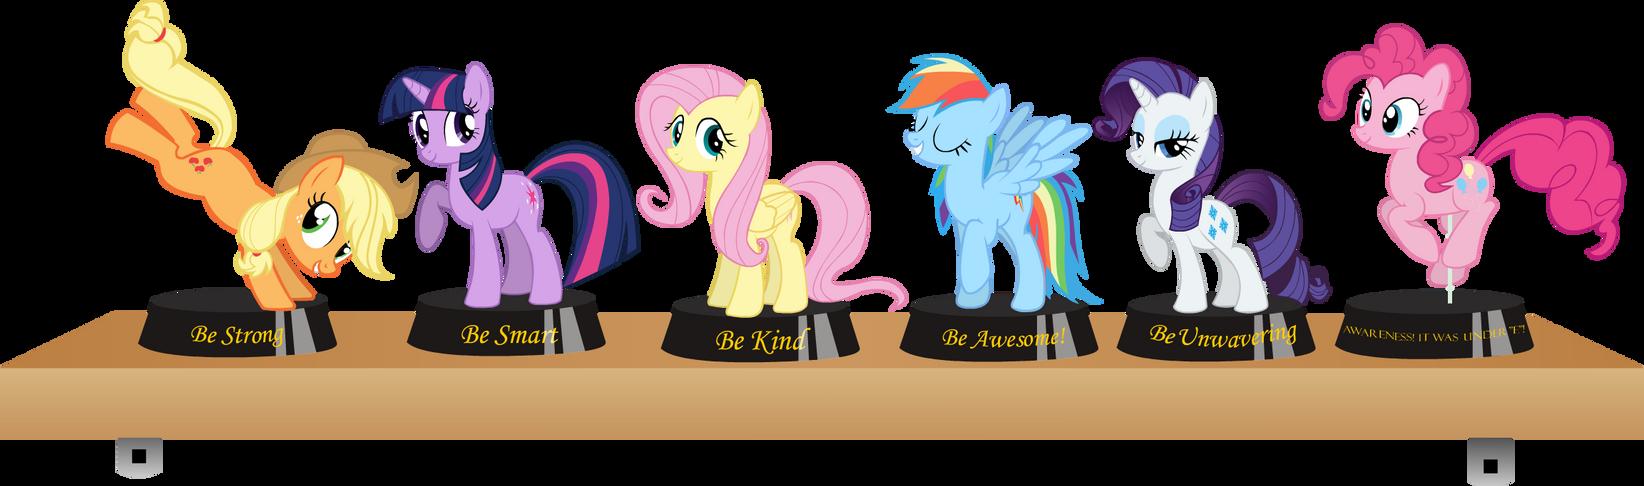 Fallout Equestria Statuettes